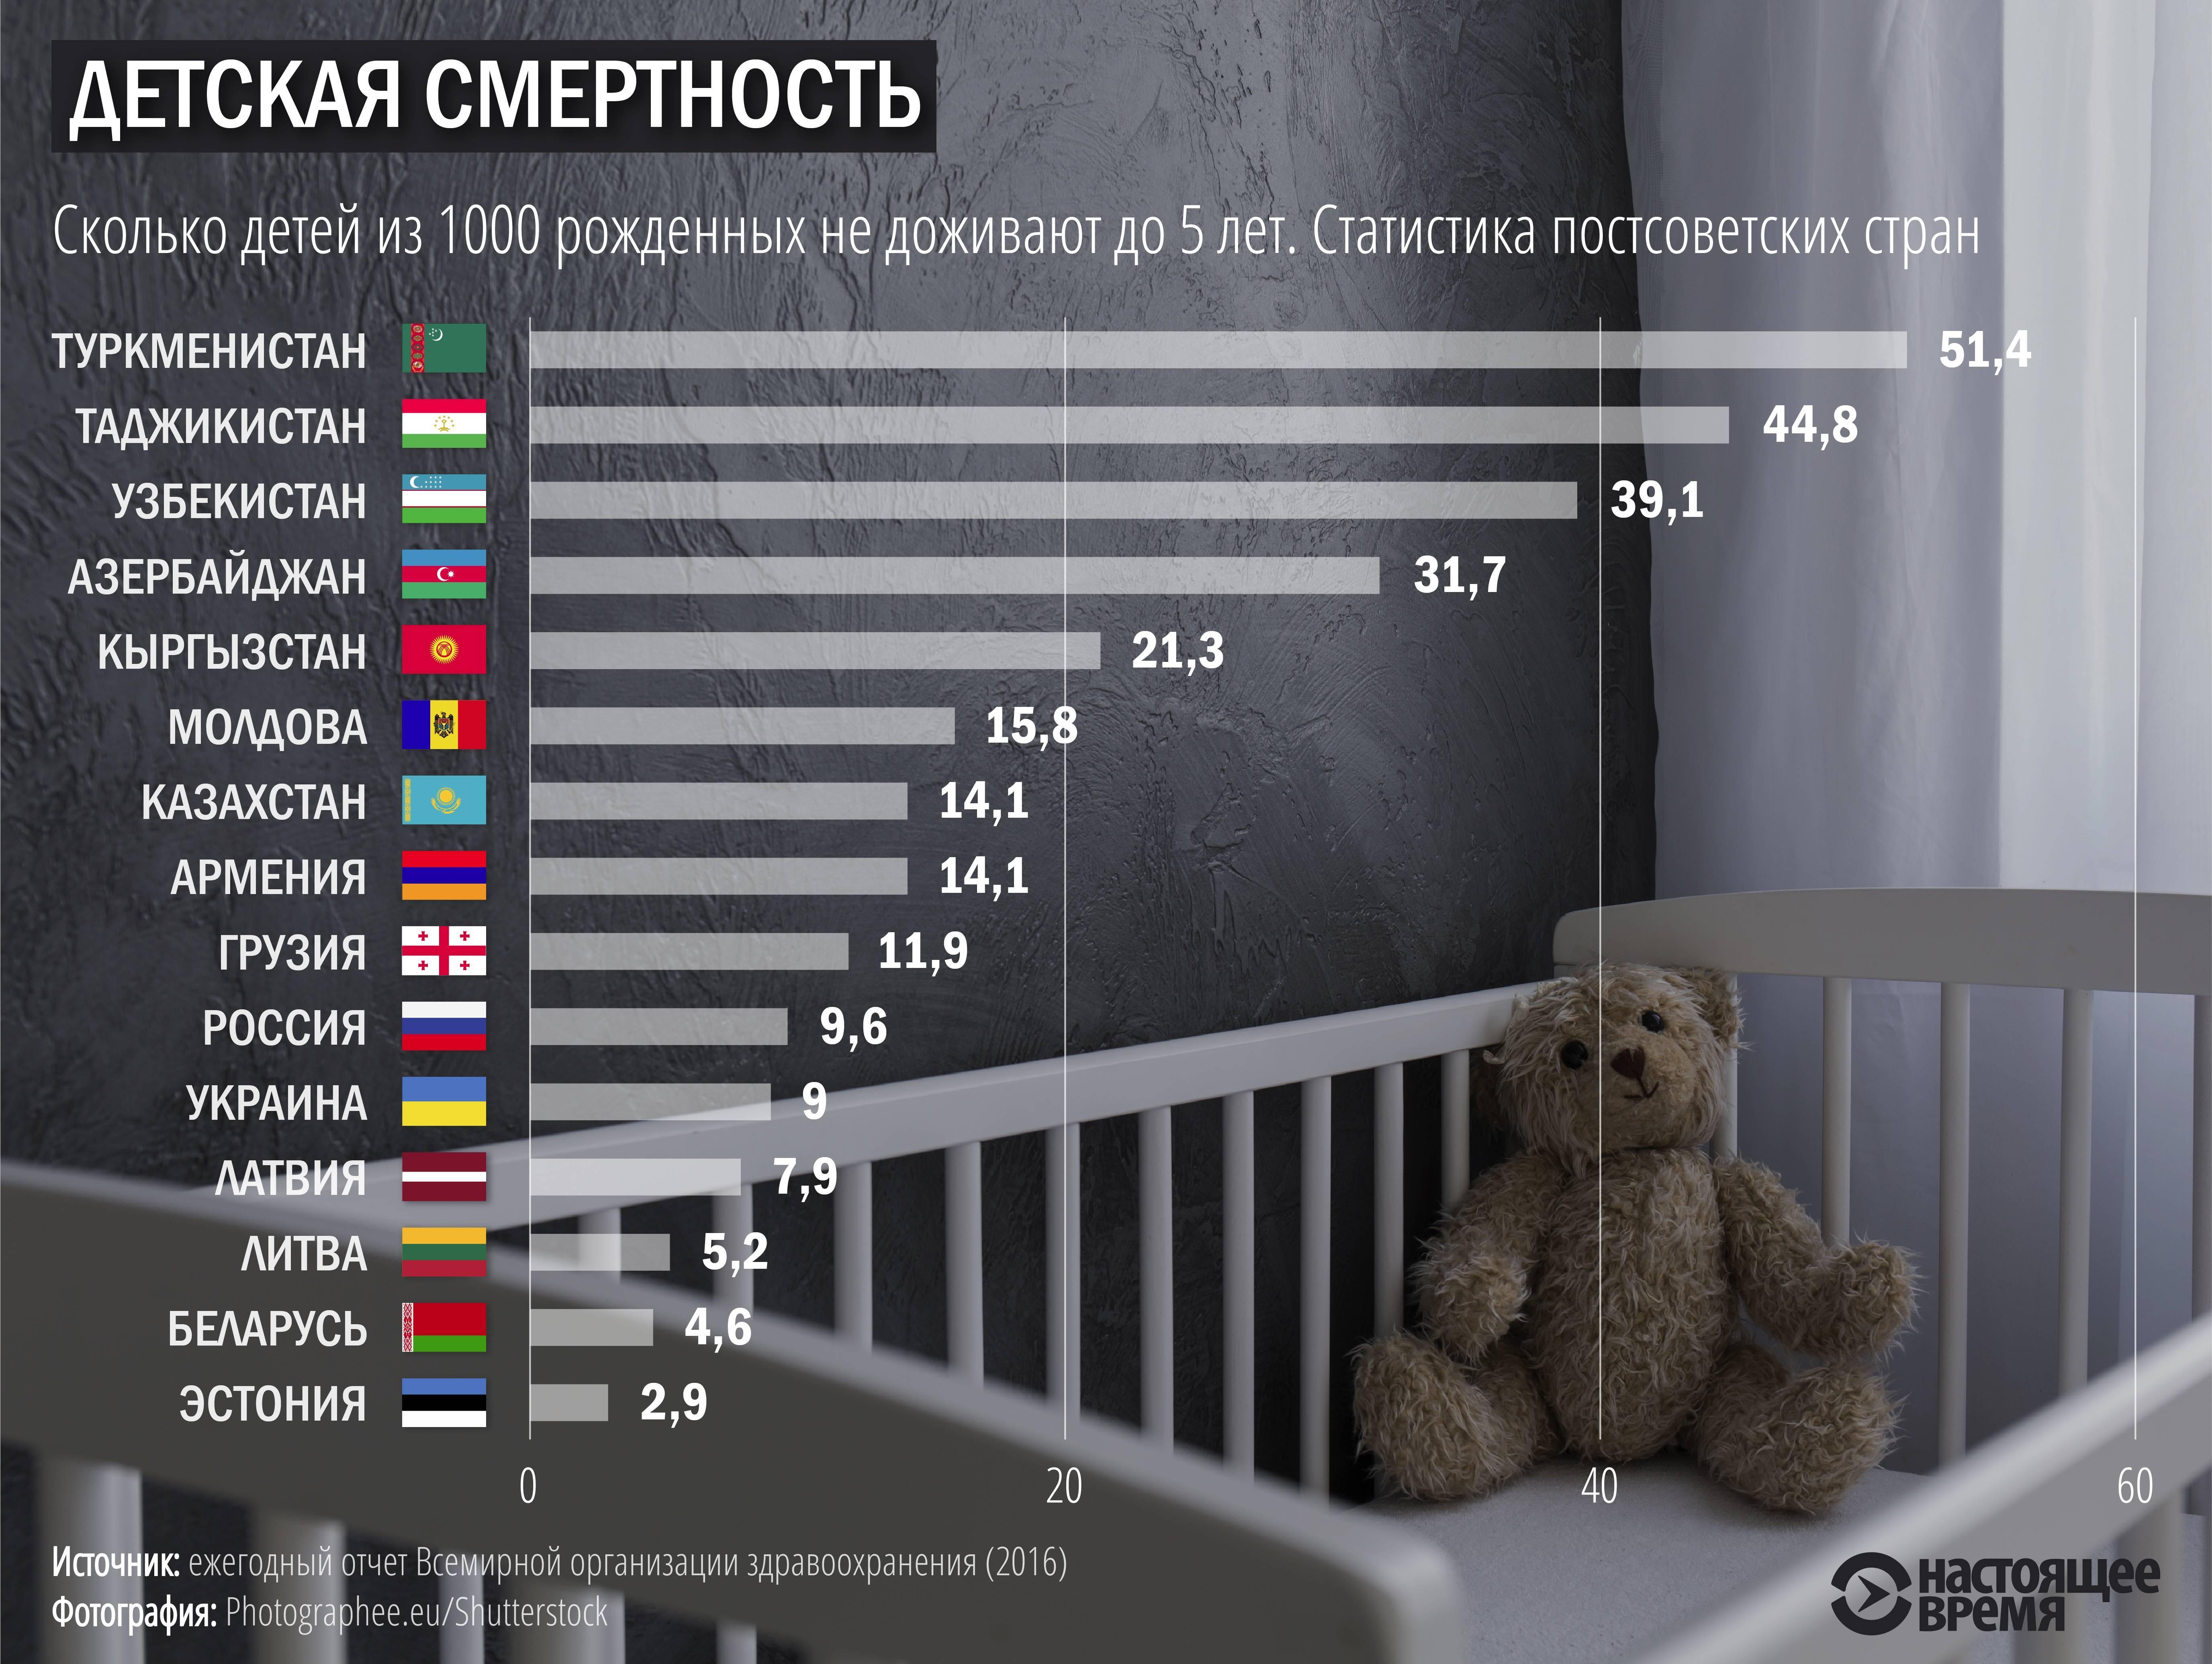 Материнская смертность в мире